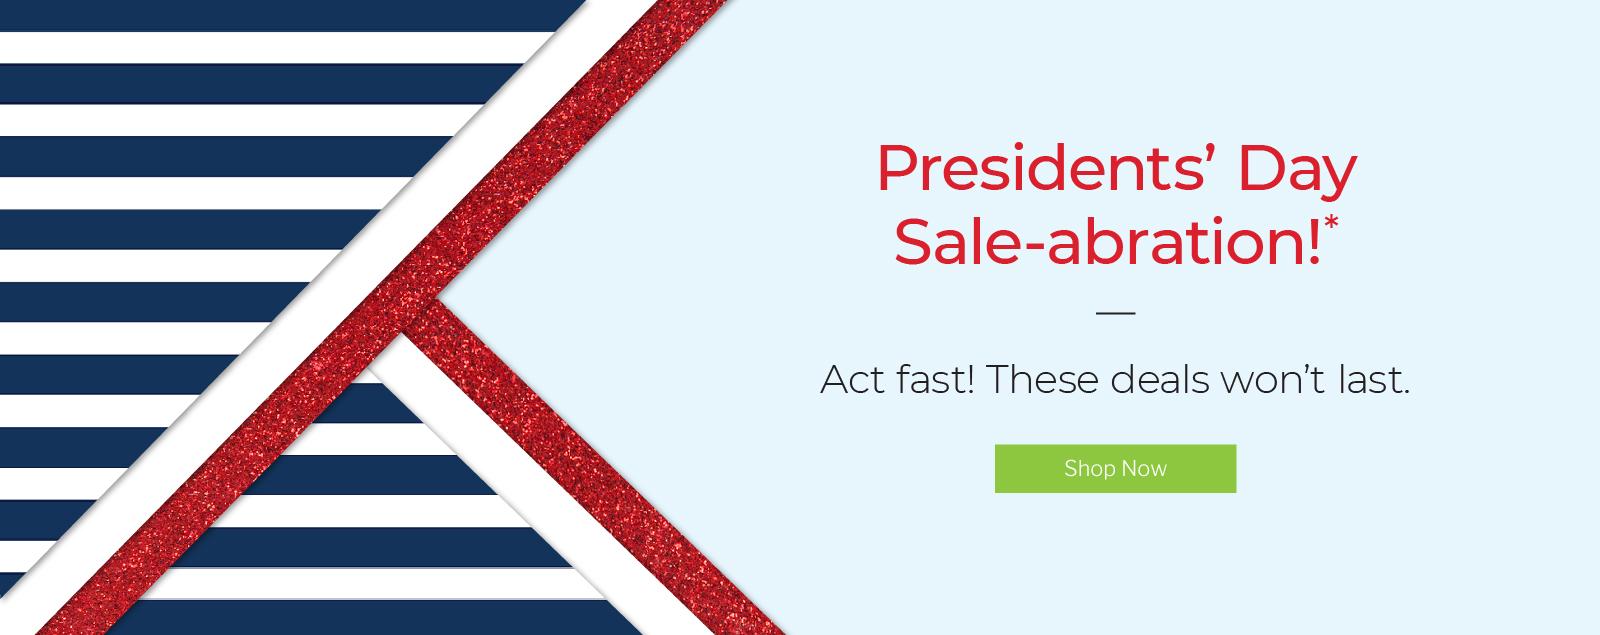 Cricut: Presidents' Day Sale-abration! - Lovin' the Prize of